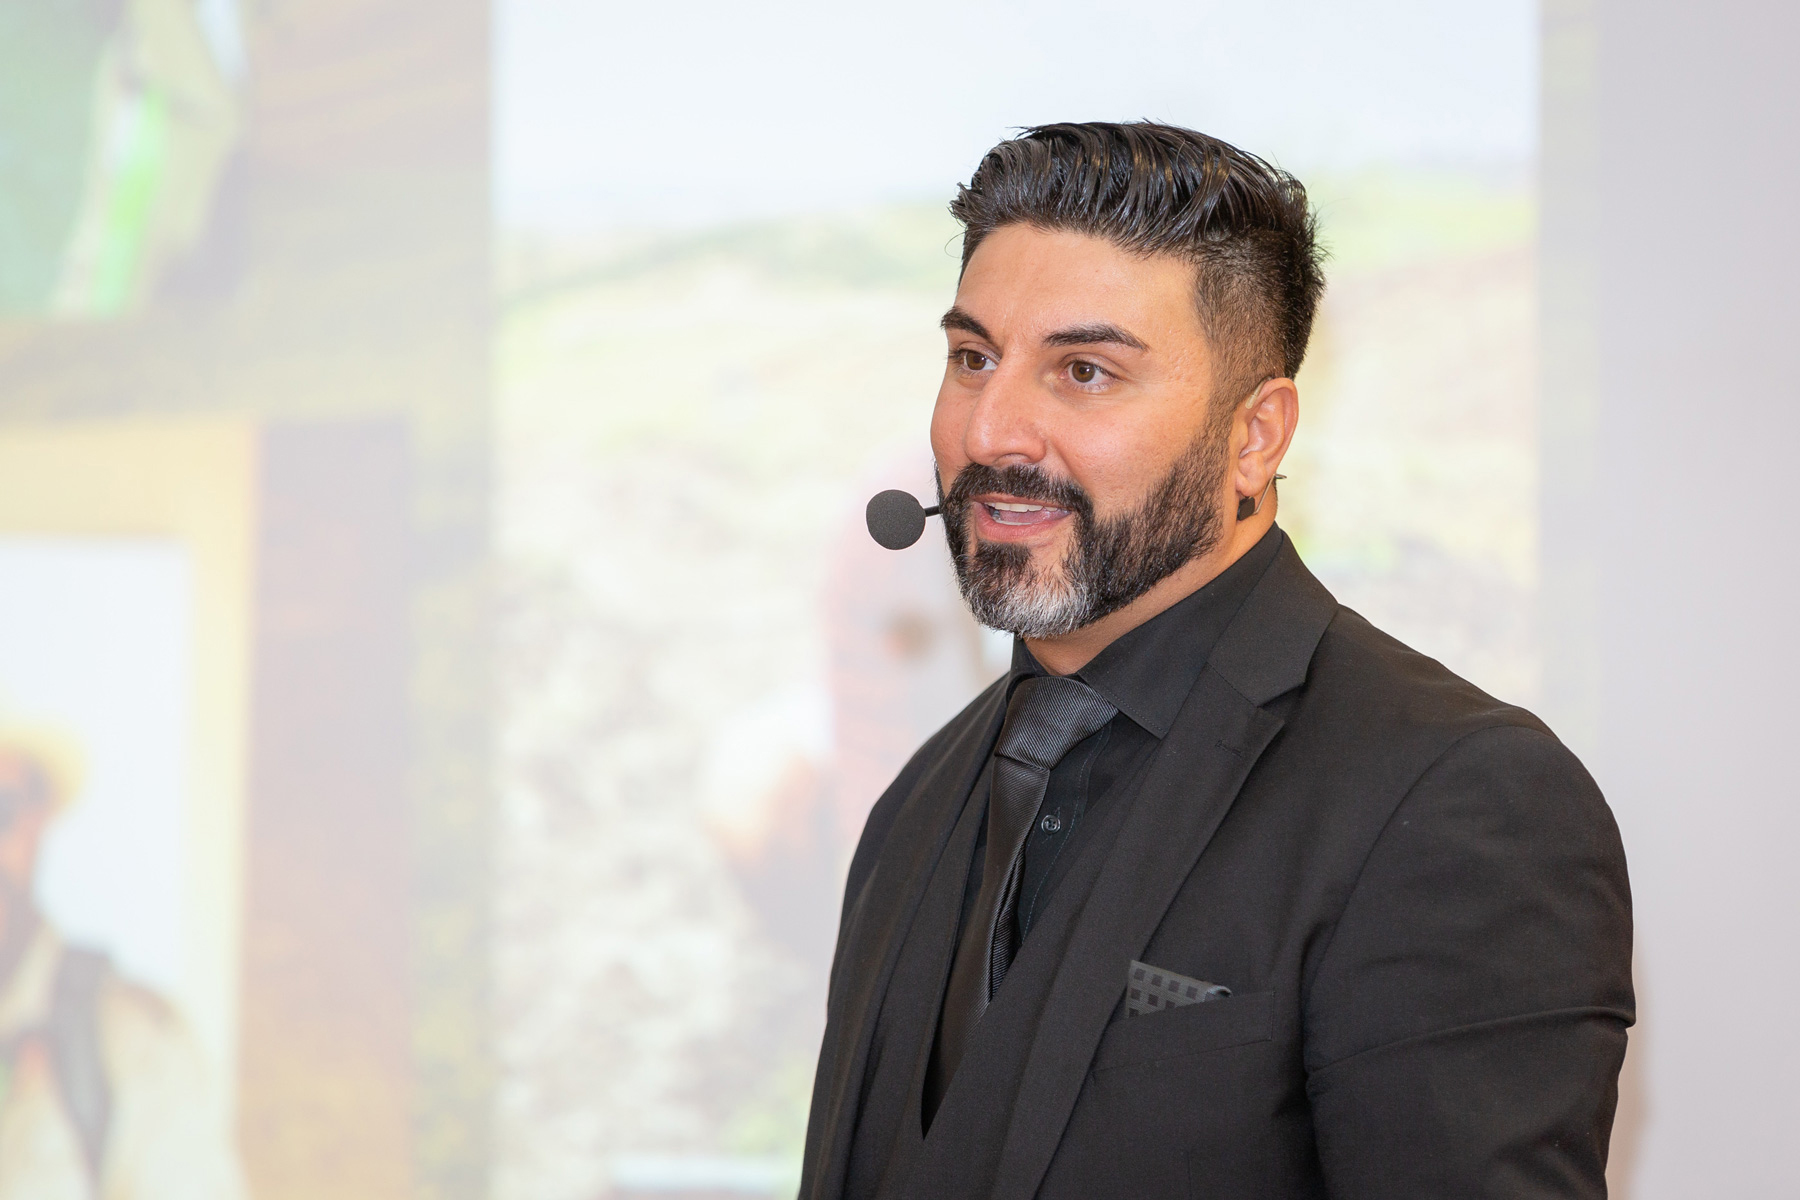 Ali Peimann auf der Bühne fotografiert von Reza Sarkari